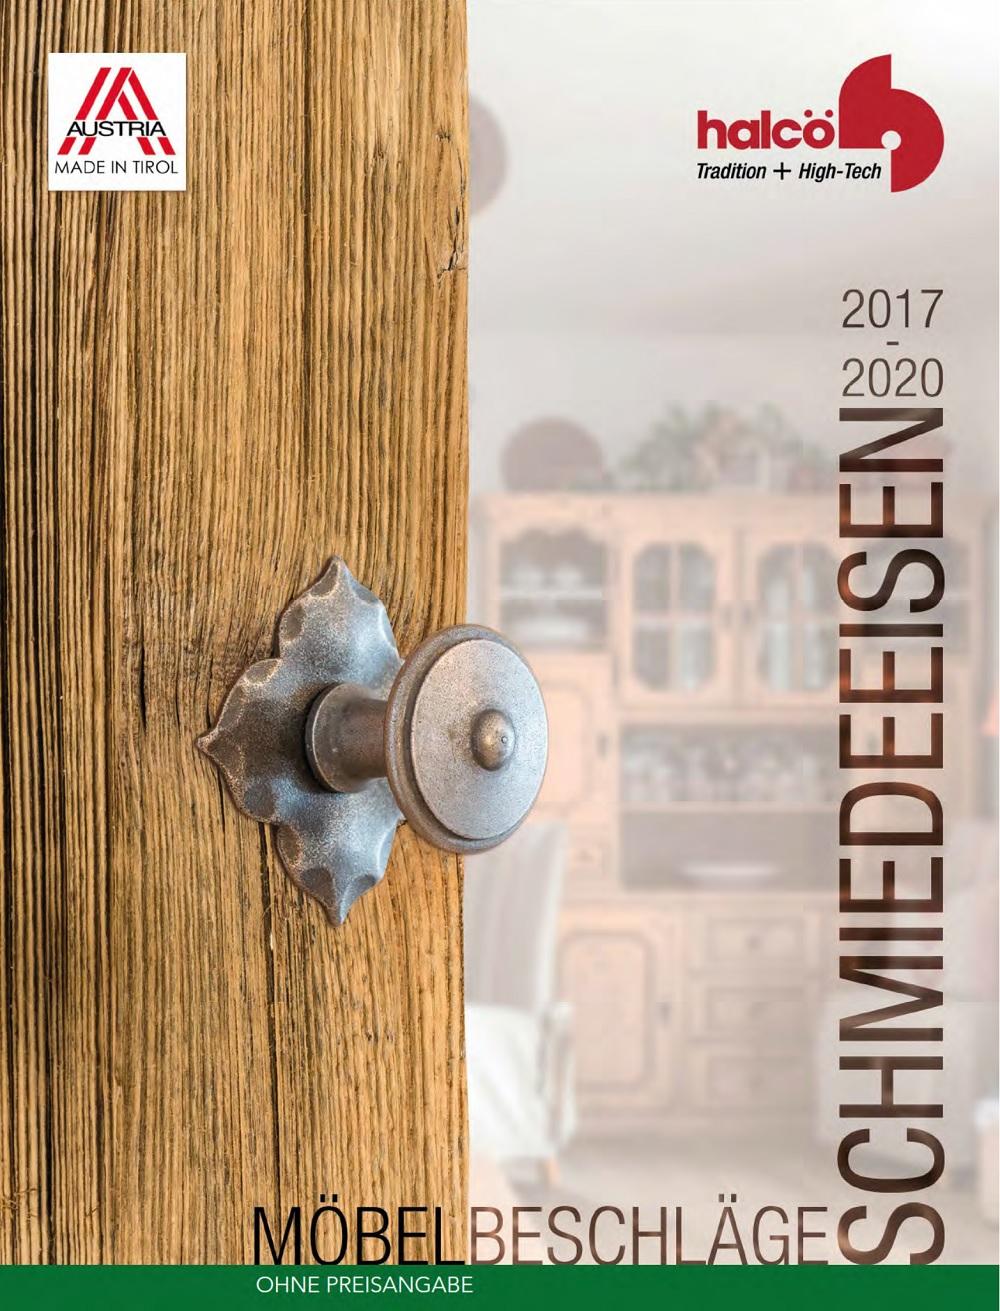 catalogus-traditioneel-smeedijzer-meubelbeslag-halco-salesinstyle-doorhandleshop.nl